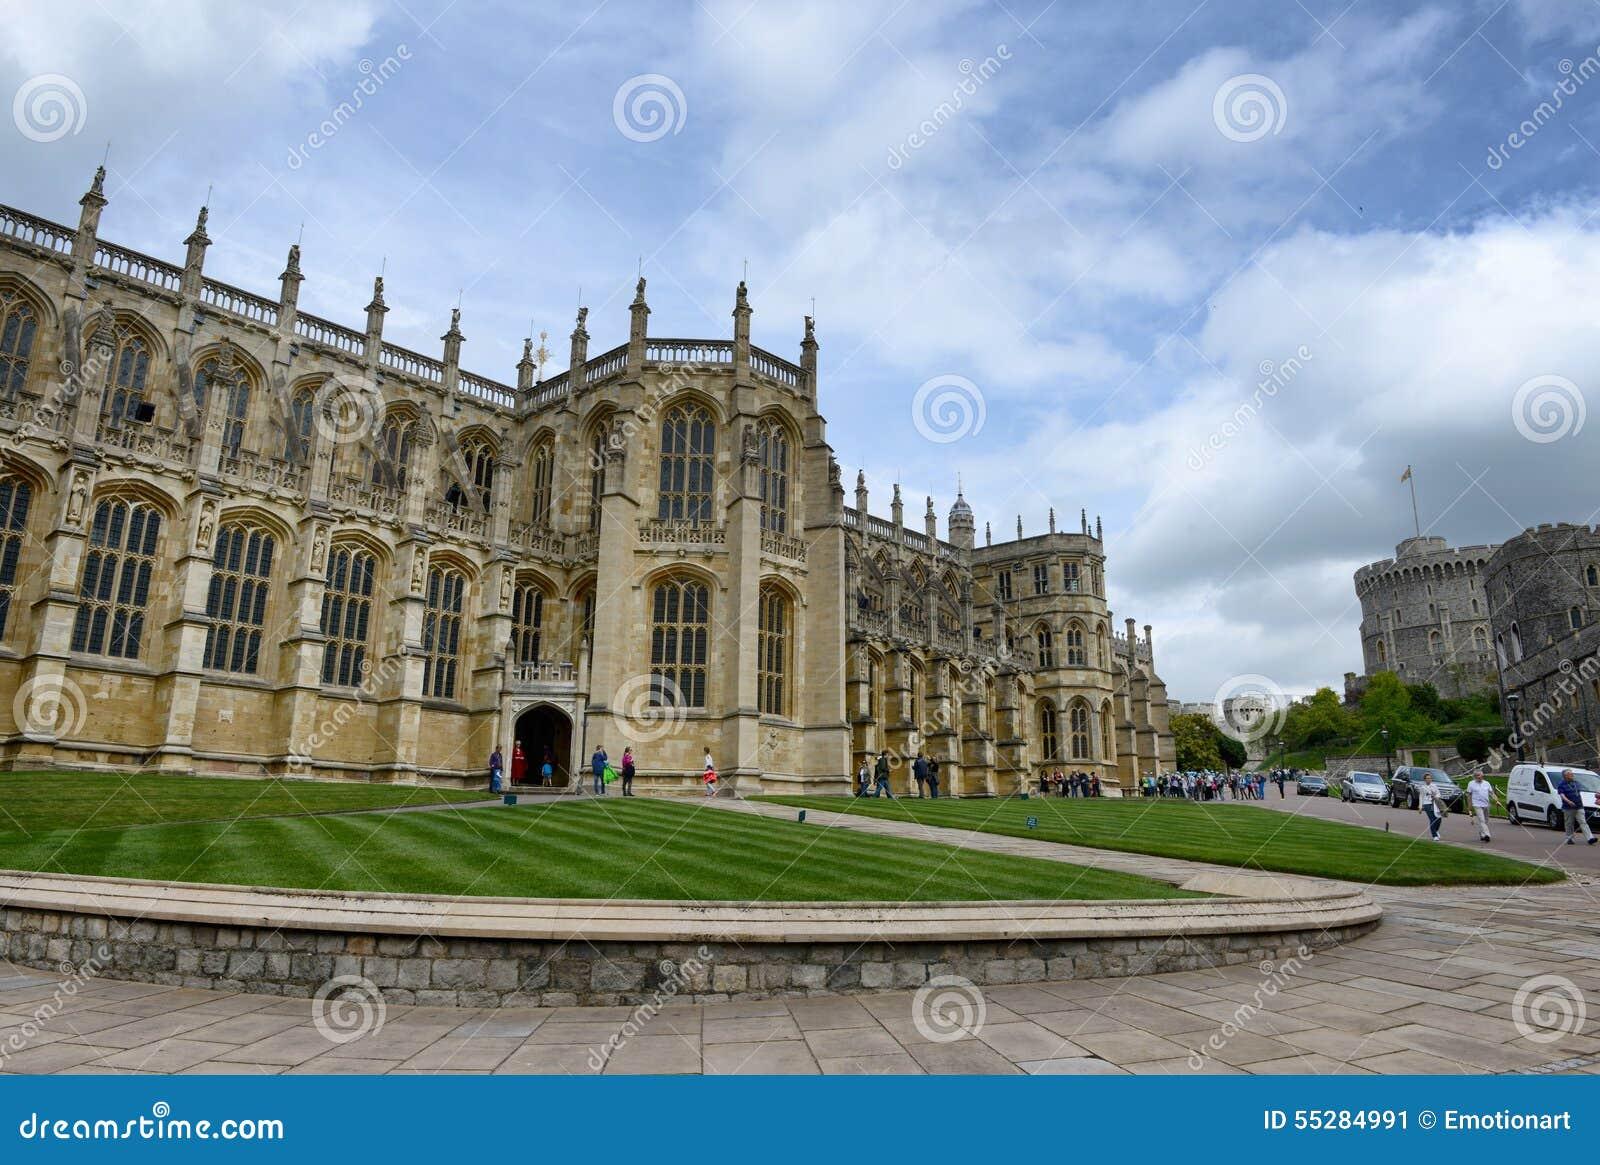 Extérieur de St Georges Chapel, Windsor Castle